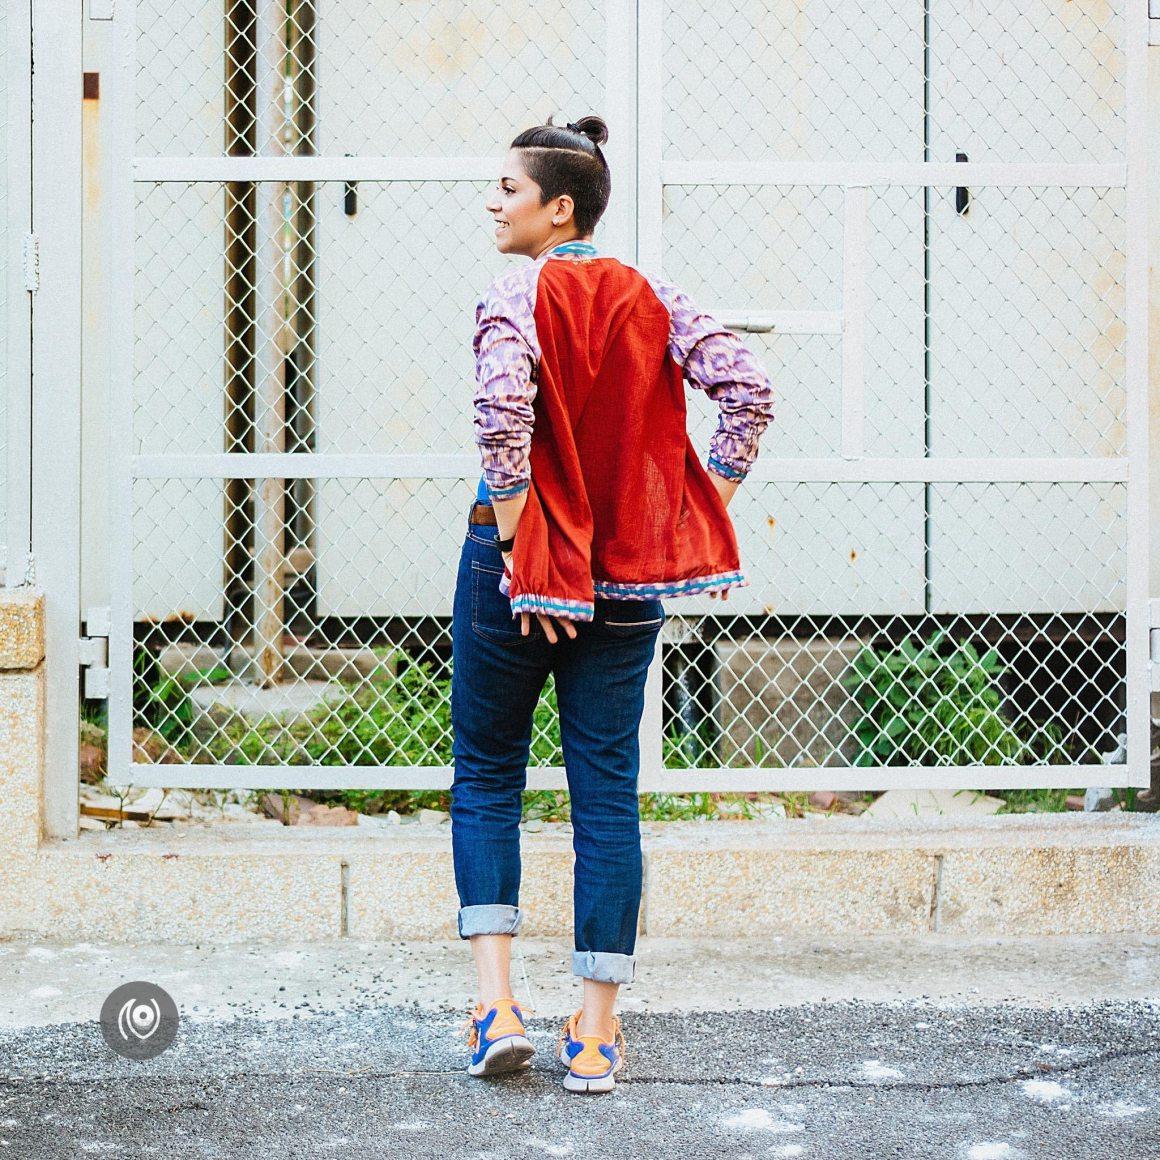 #CoverUp 45, Meraki Bomber Jacket Ikat, Nike, Korra, Pearls, Naina.co Luxury & Lifestyle, Photographer Storyteller, Blogger.